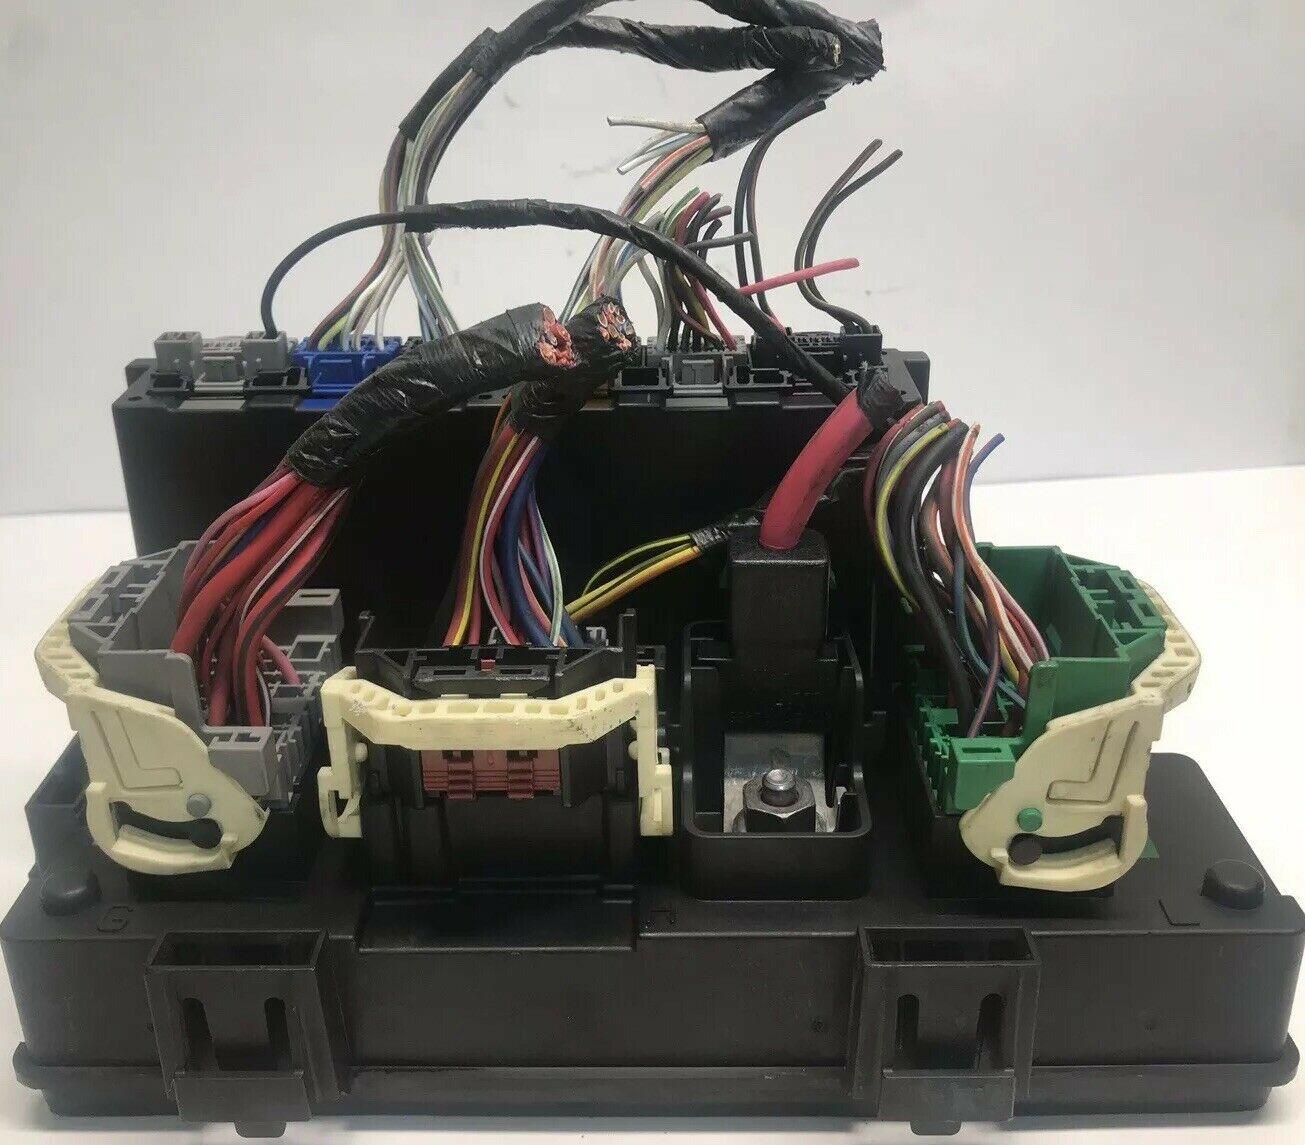 fuse box chrysler sebring 2007    2007       chrysler       sebring    tipm integrated power    fuse       box        2007       chrysler       sebring    tipm integrated power    fuse       box